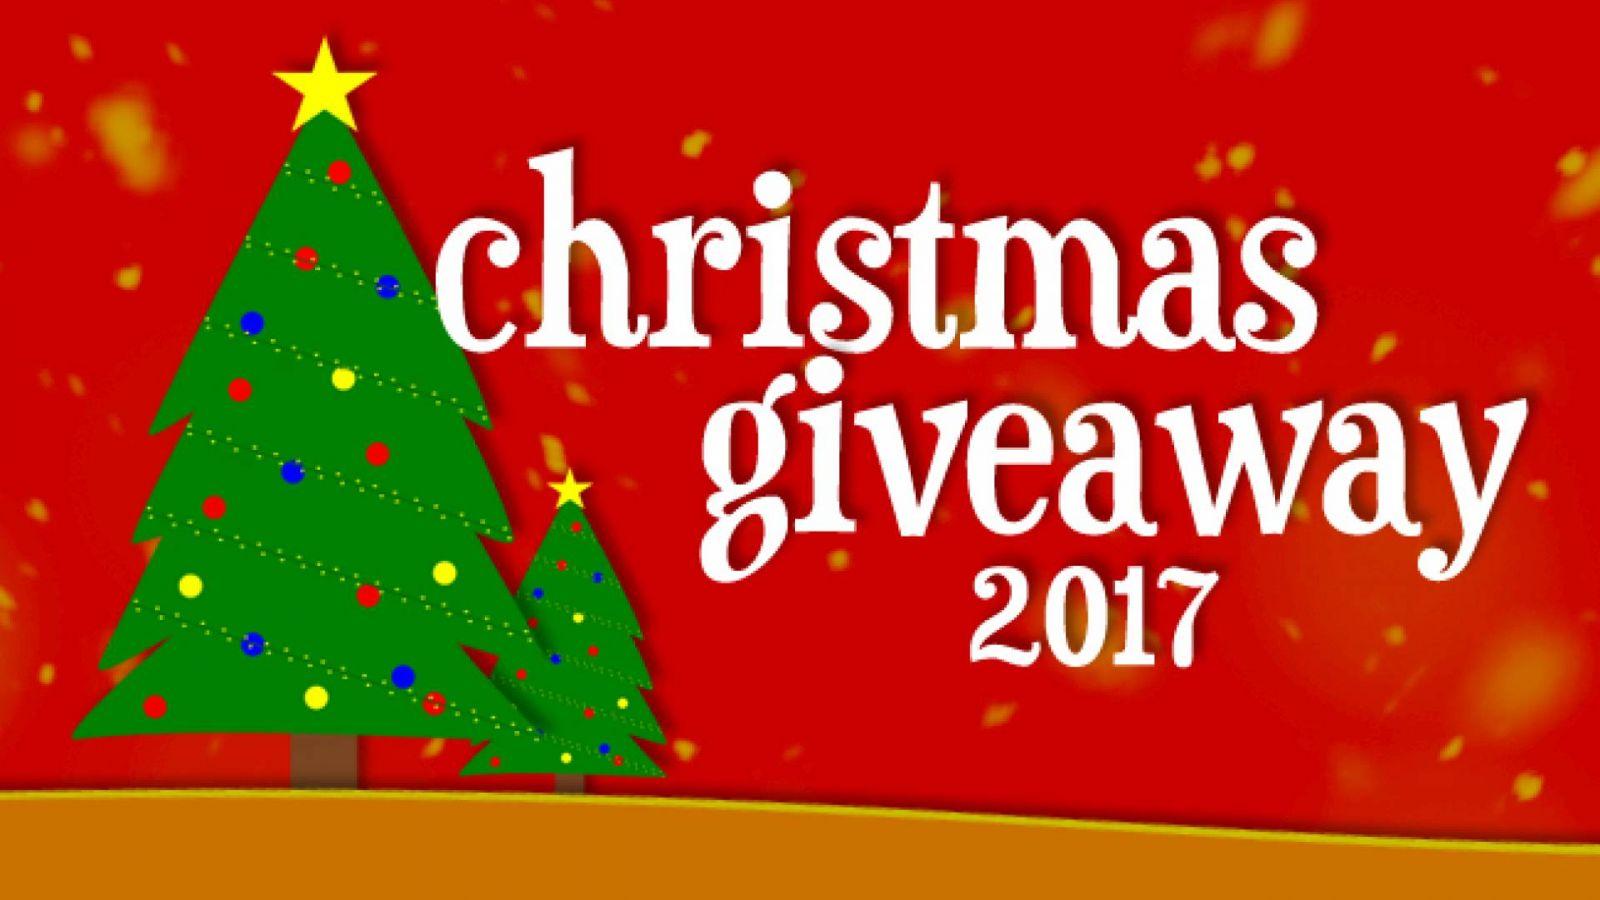 Christmas Giveaway 2017 © JaME